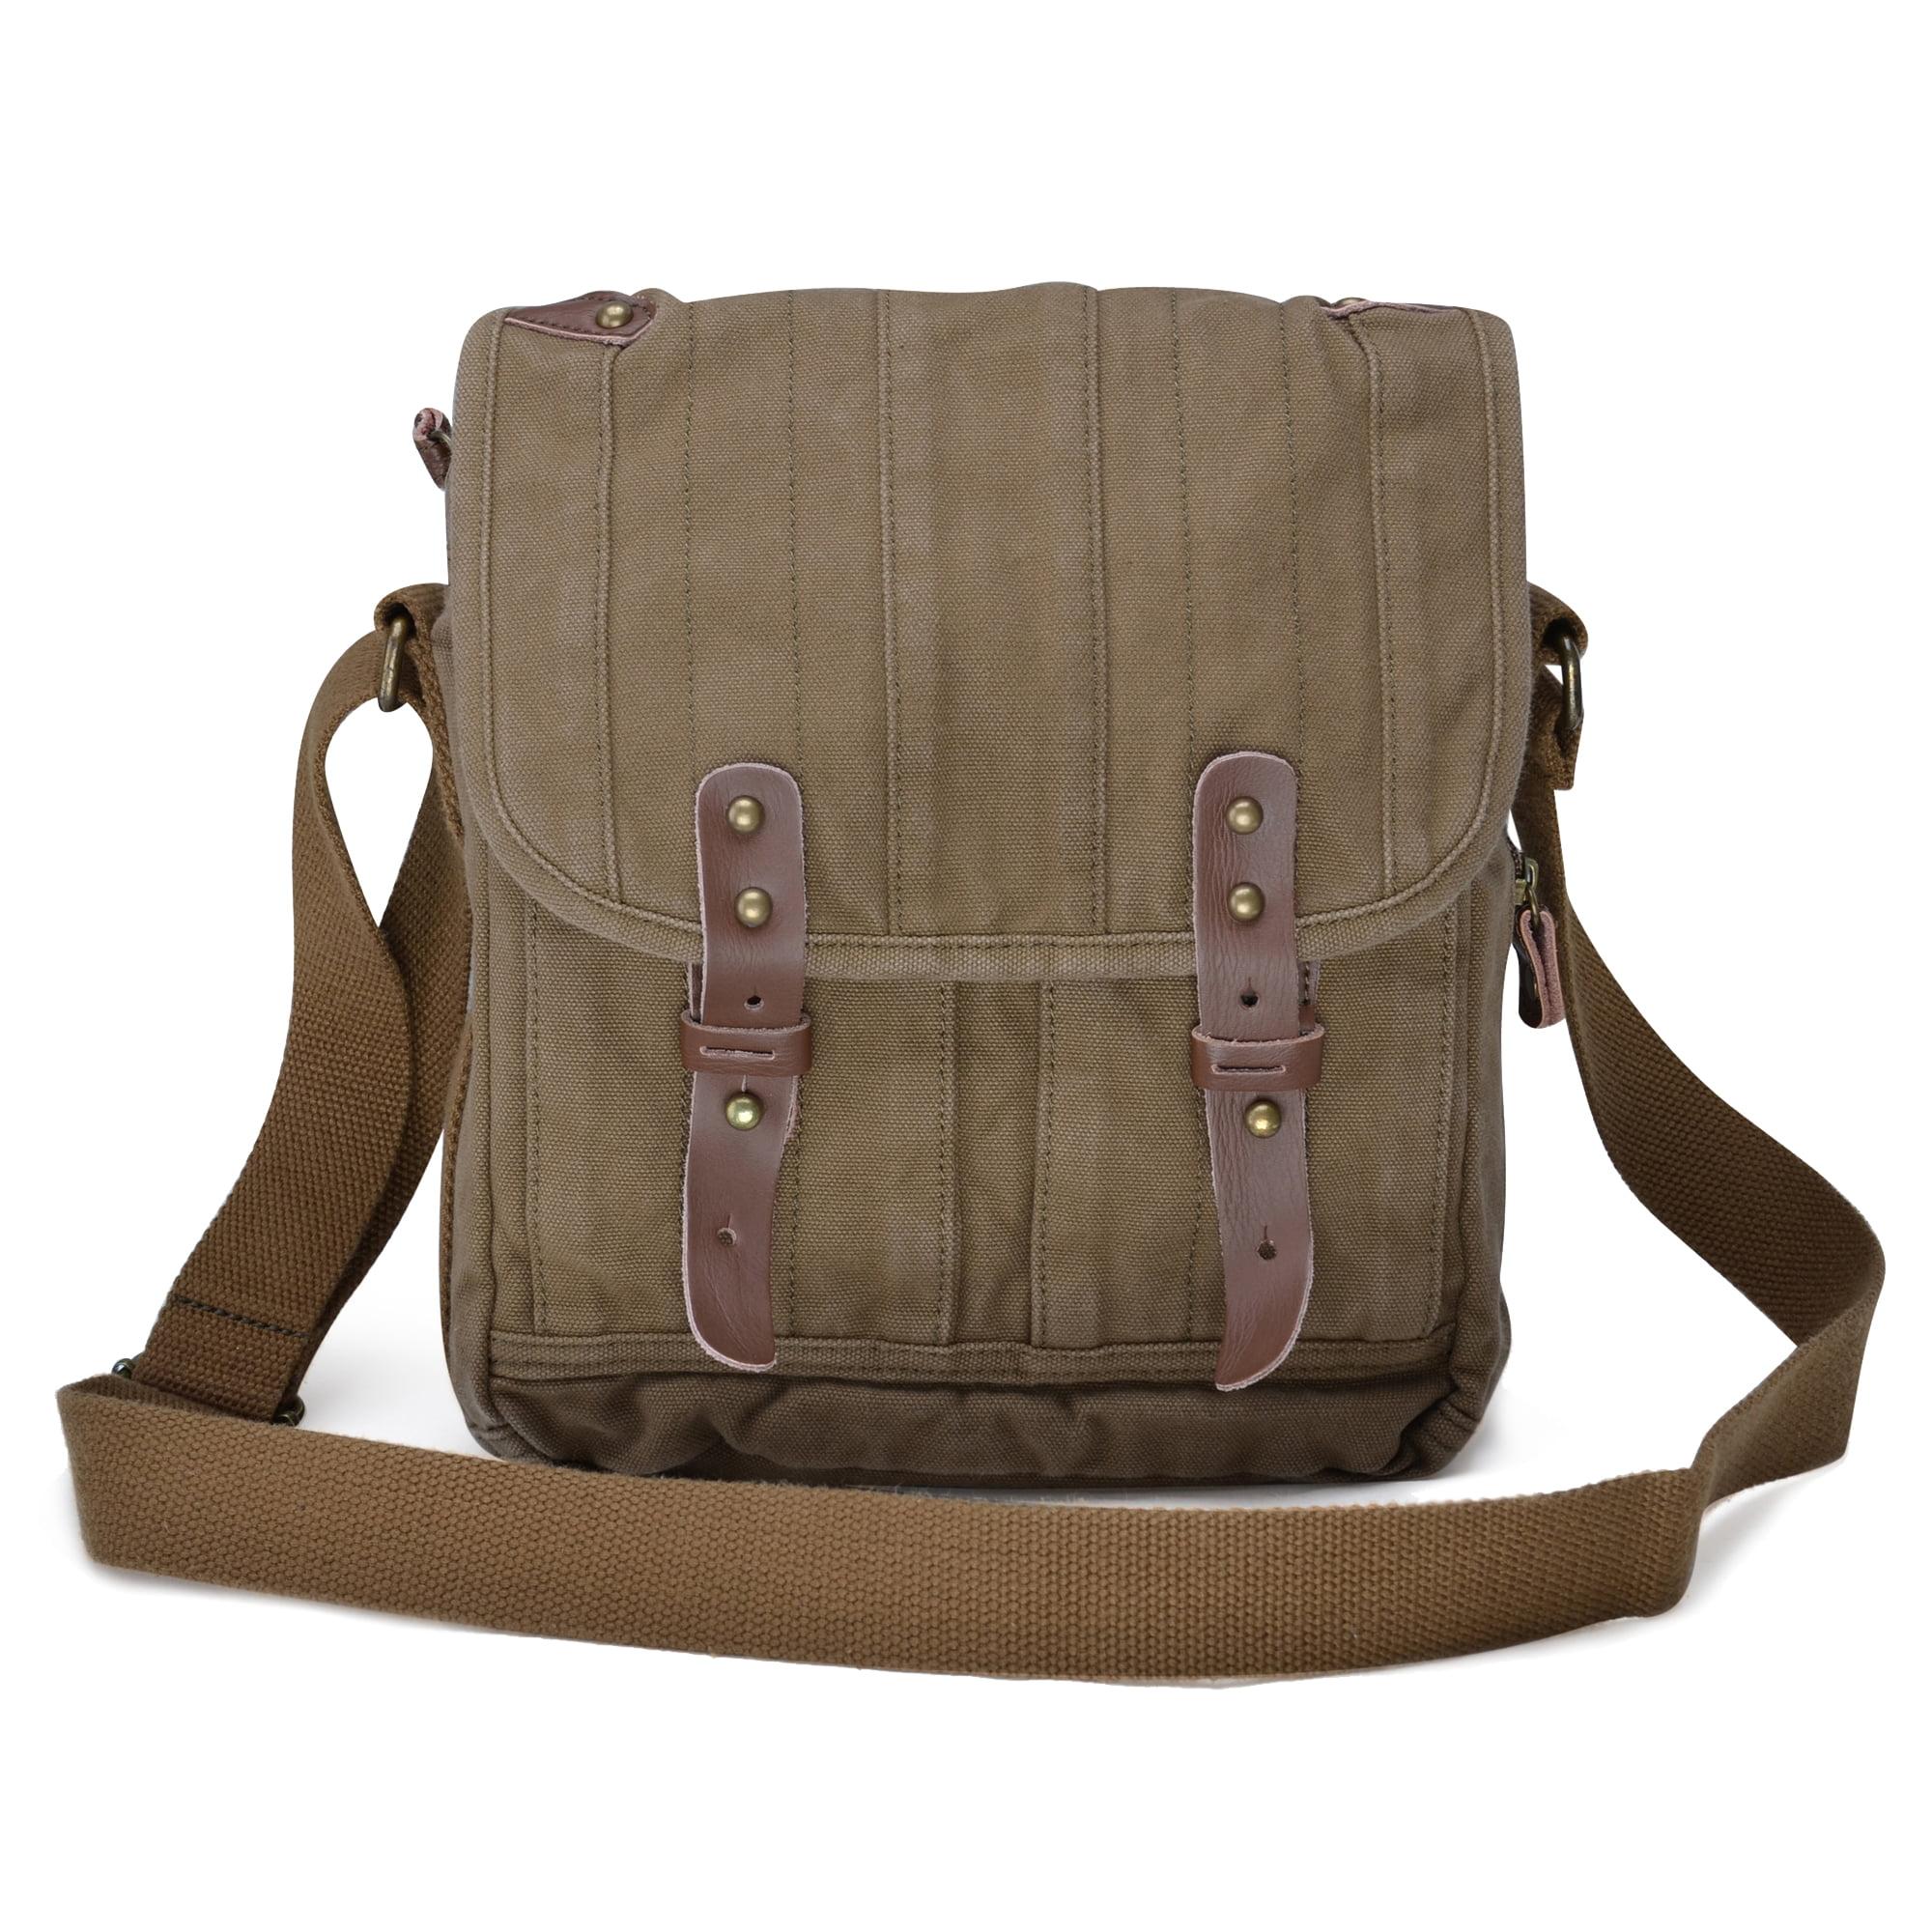 03fec7842788 Gootium Vintage Canvas Messenger Bag Small Unisex Shoulder Satchel ...